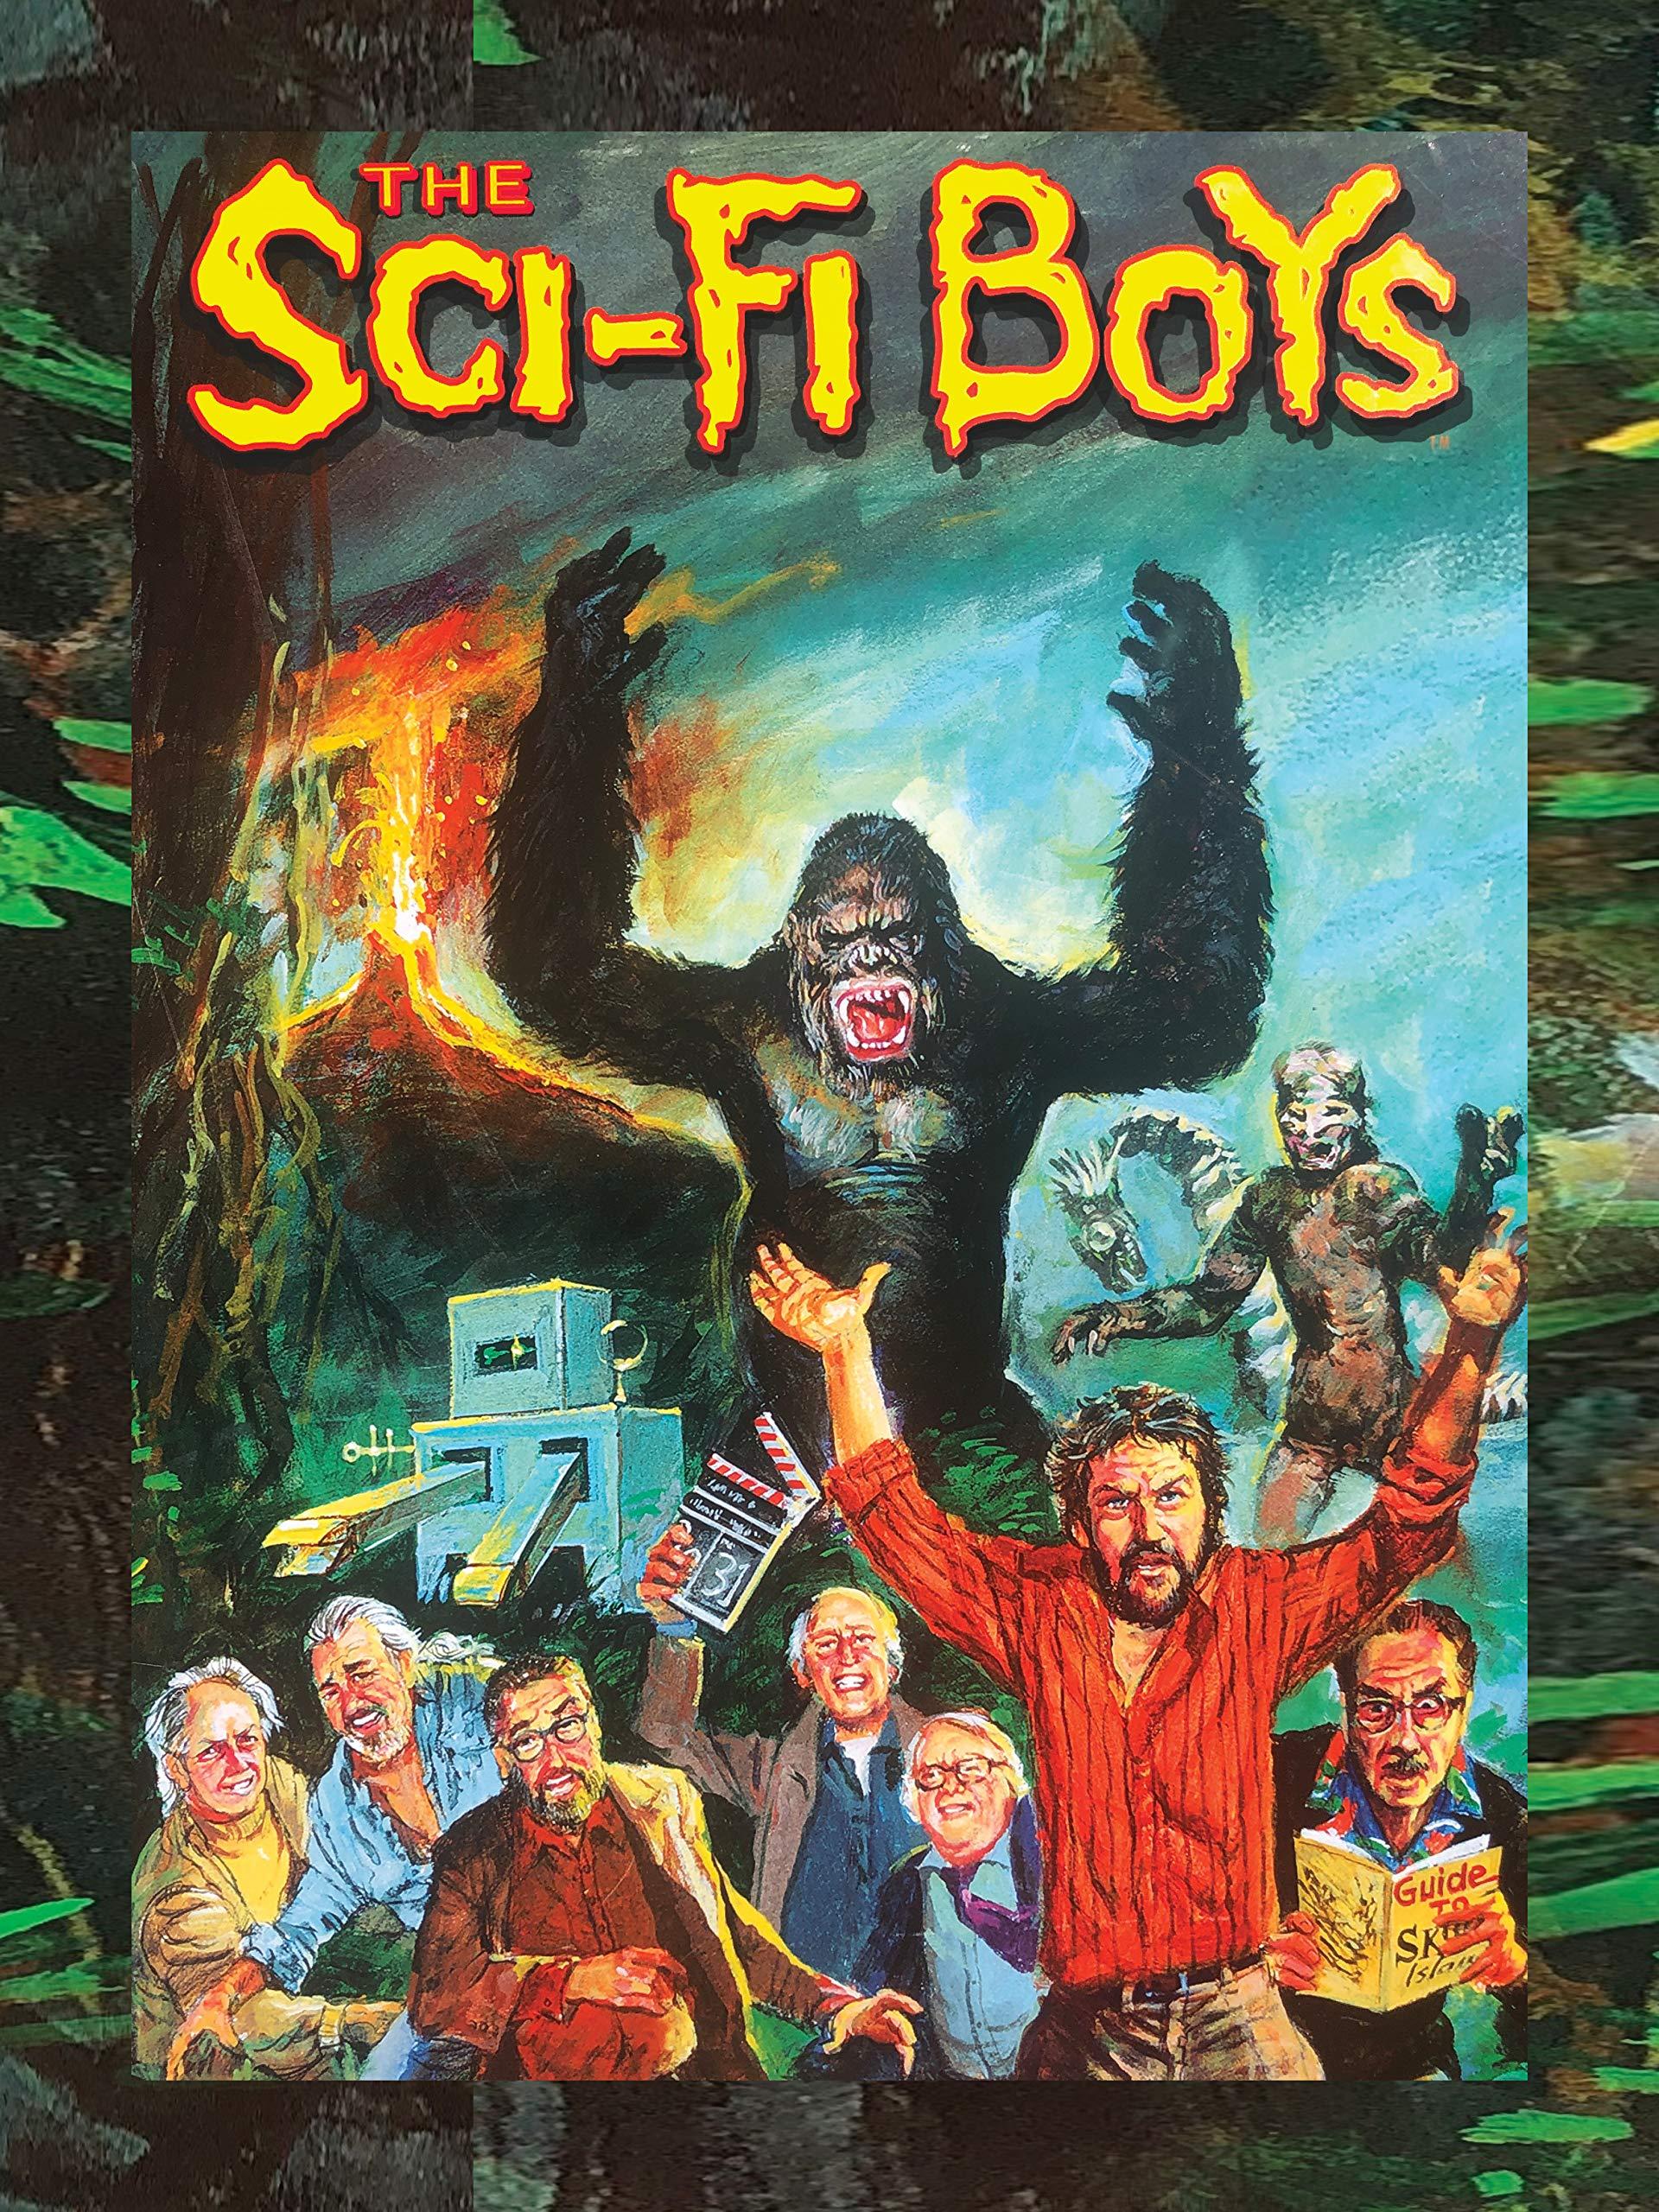 The Sci-Fi Boys